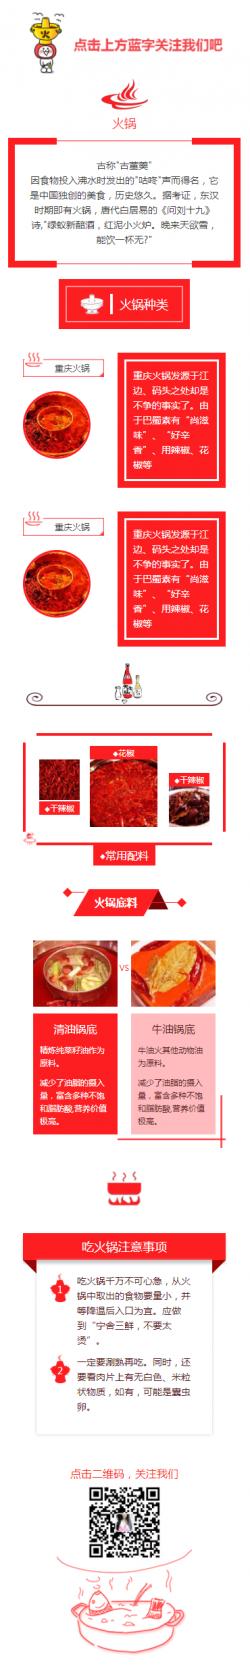 火锅美食红色热烈风格模板